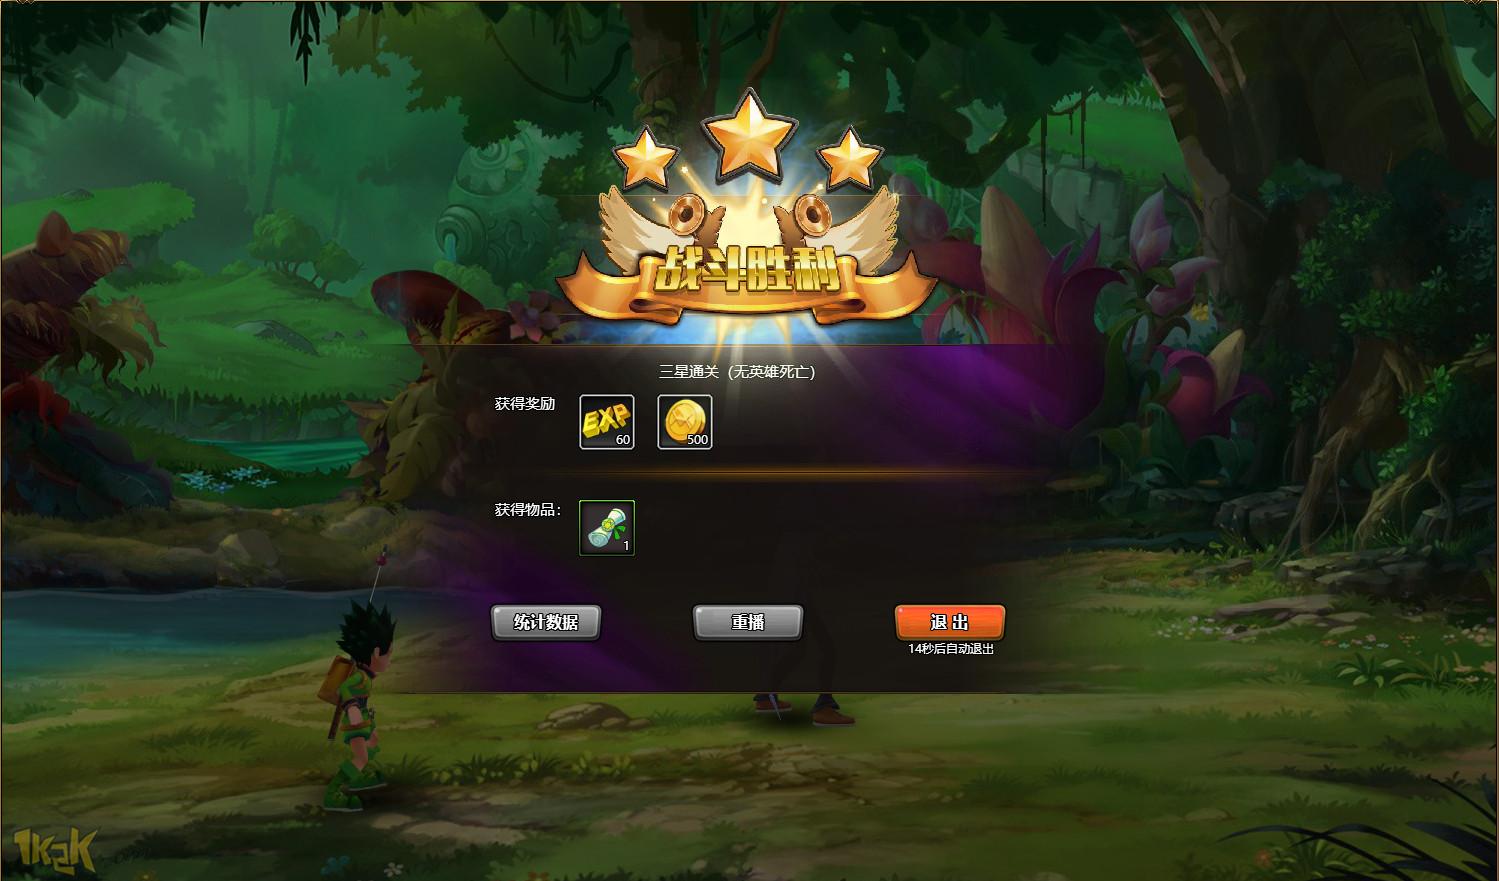 猎人出击游戏截图3